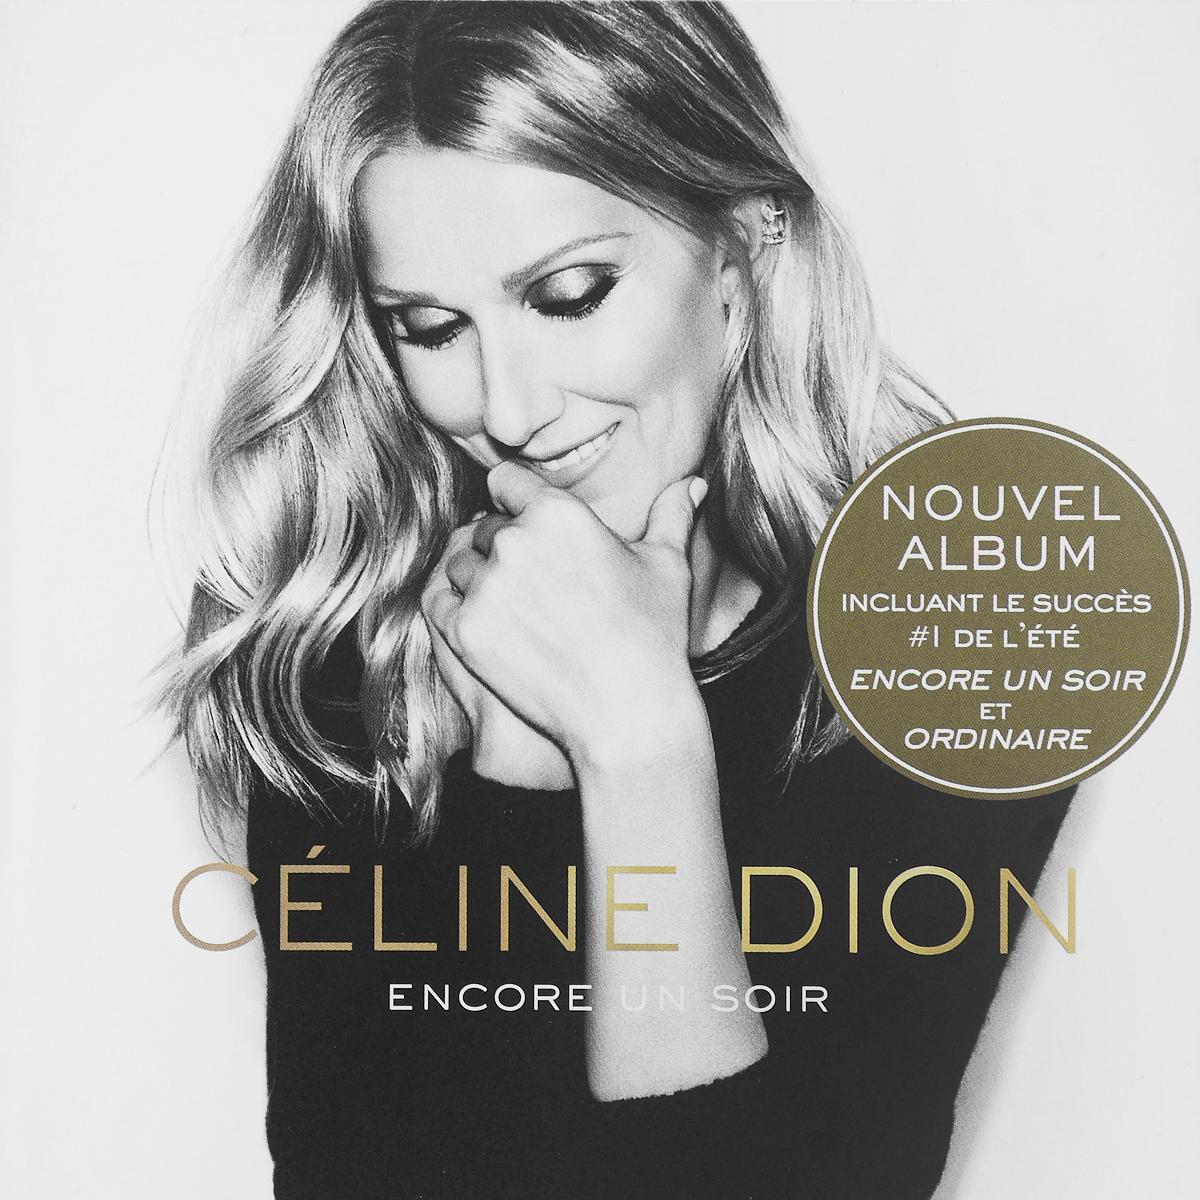 Не так много исполнителей становятся прижизненными классиками, но из всех современных артистов Селин Дион, кажется, лучше всех подходит на эту роль. Карьера канадской певицы вместила 3 десятилетия безупречного исполнительского мастерства и свыше 200 миллионов проданных альбомов - и здесь, казалось бы, можно было и остановиться, но Селин продолжает двигаться вперед. Встречаем новый альбом легендарной певицы - Encore Un Soir! Для самой Селин эта запись, ставшая ее 15-й полноформатной записью на французском языке, далась очень и очень нелегко: заглавная композиция Encore Un Soir, чье название переводится на русский как